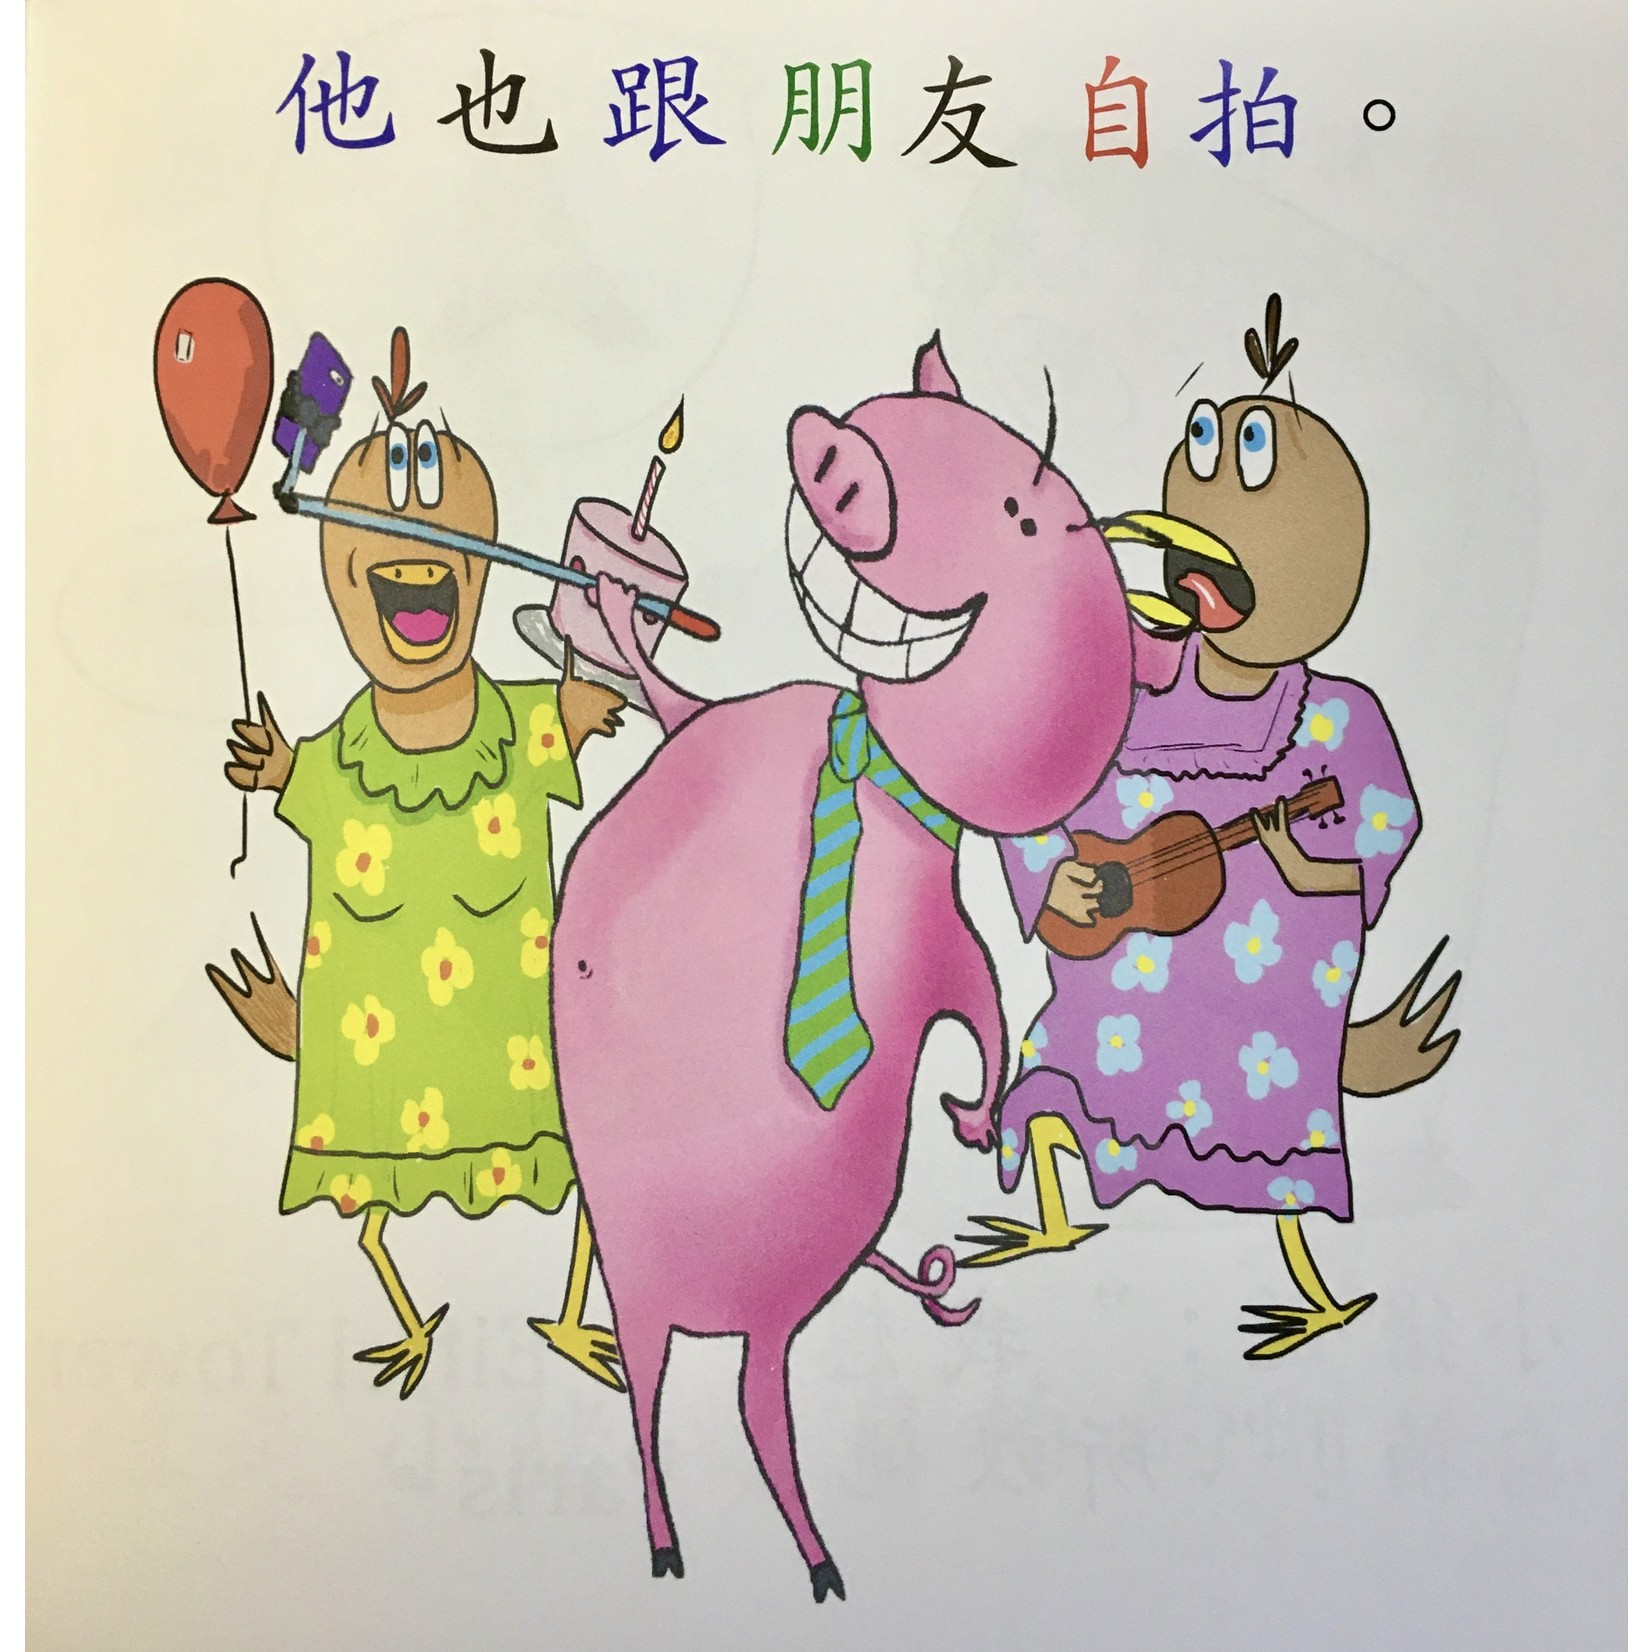 Squid for brains Pig takes selfies (Chinees - in vereenvoudigde karakters)